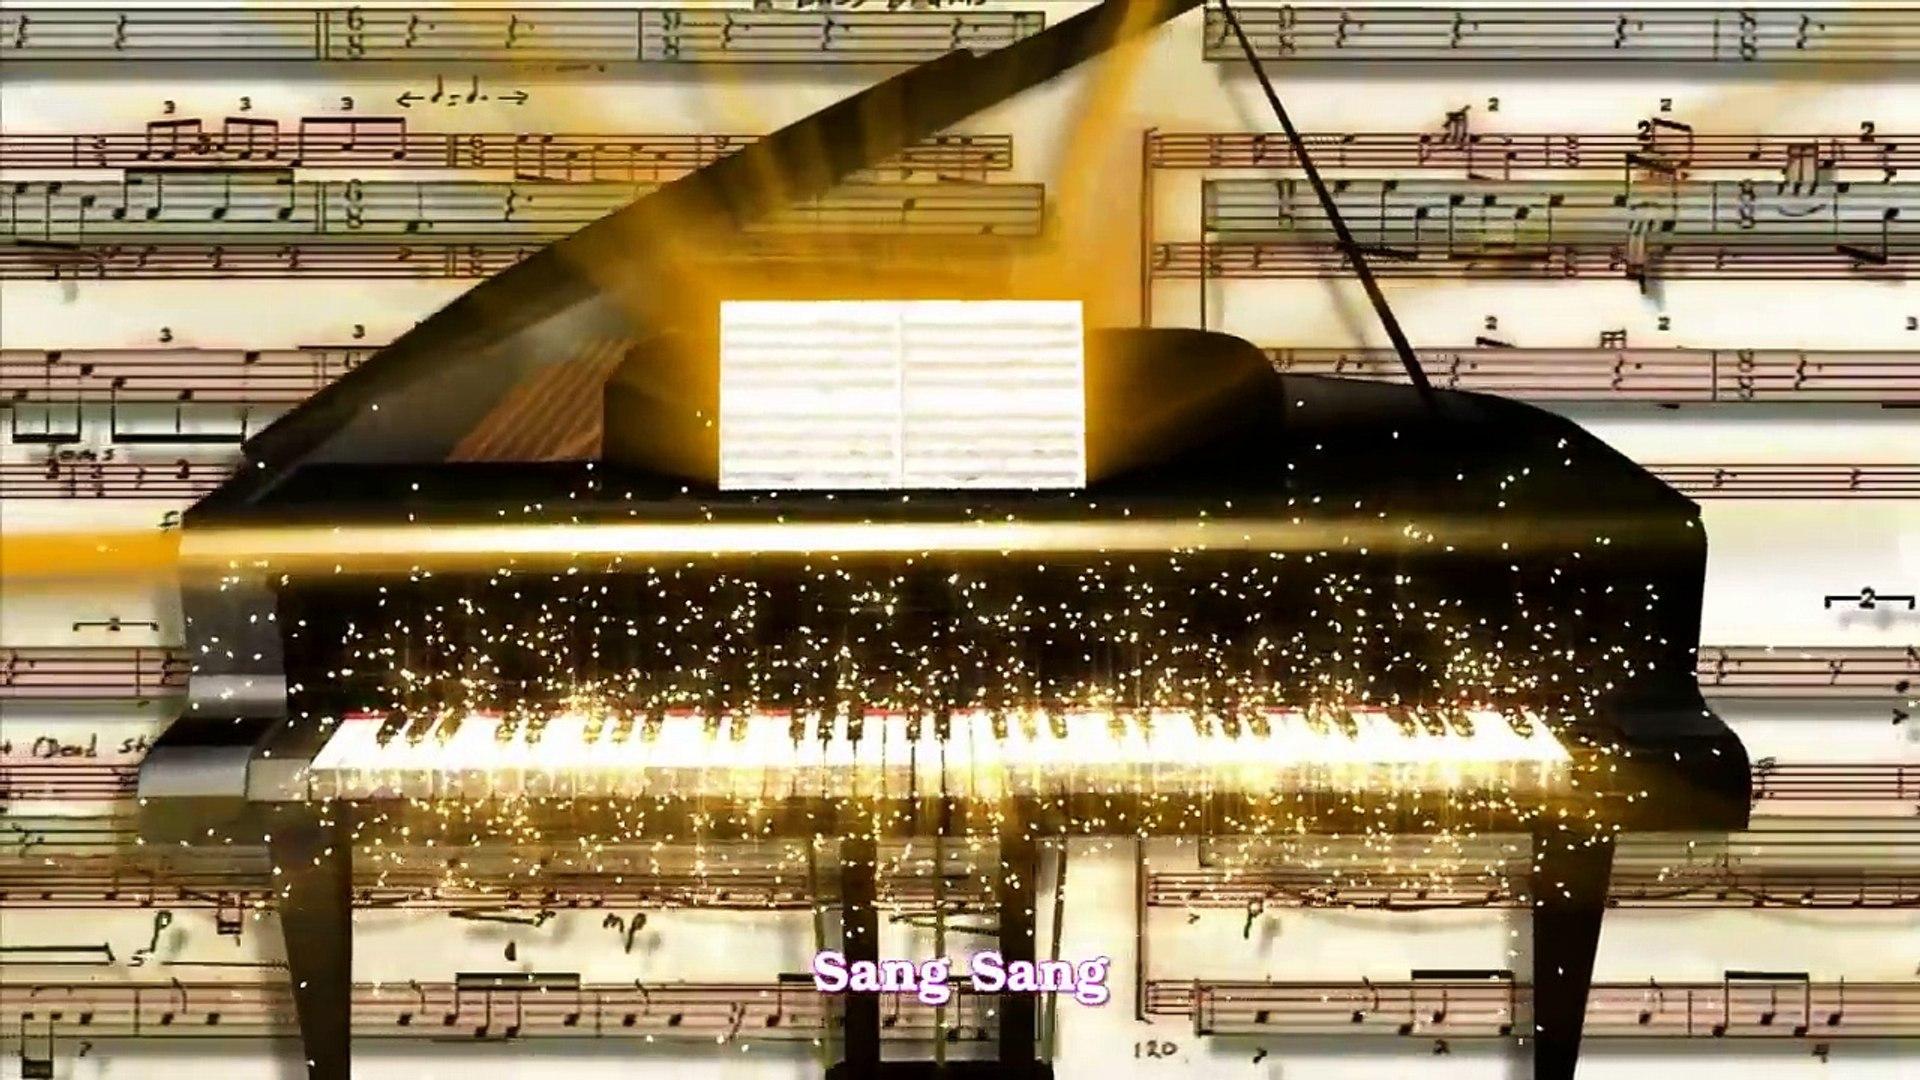 Free 3 Video Background Piano - Romantic Piano